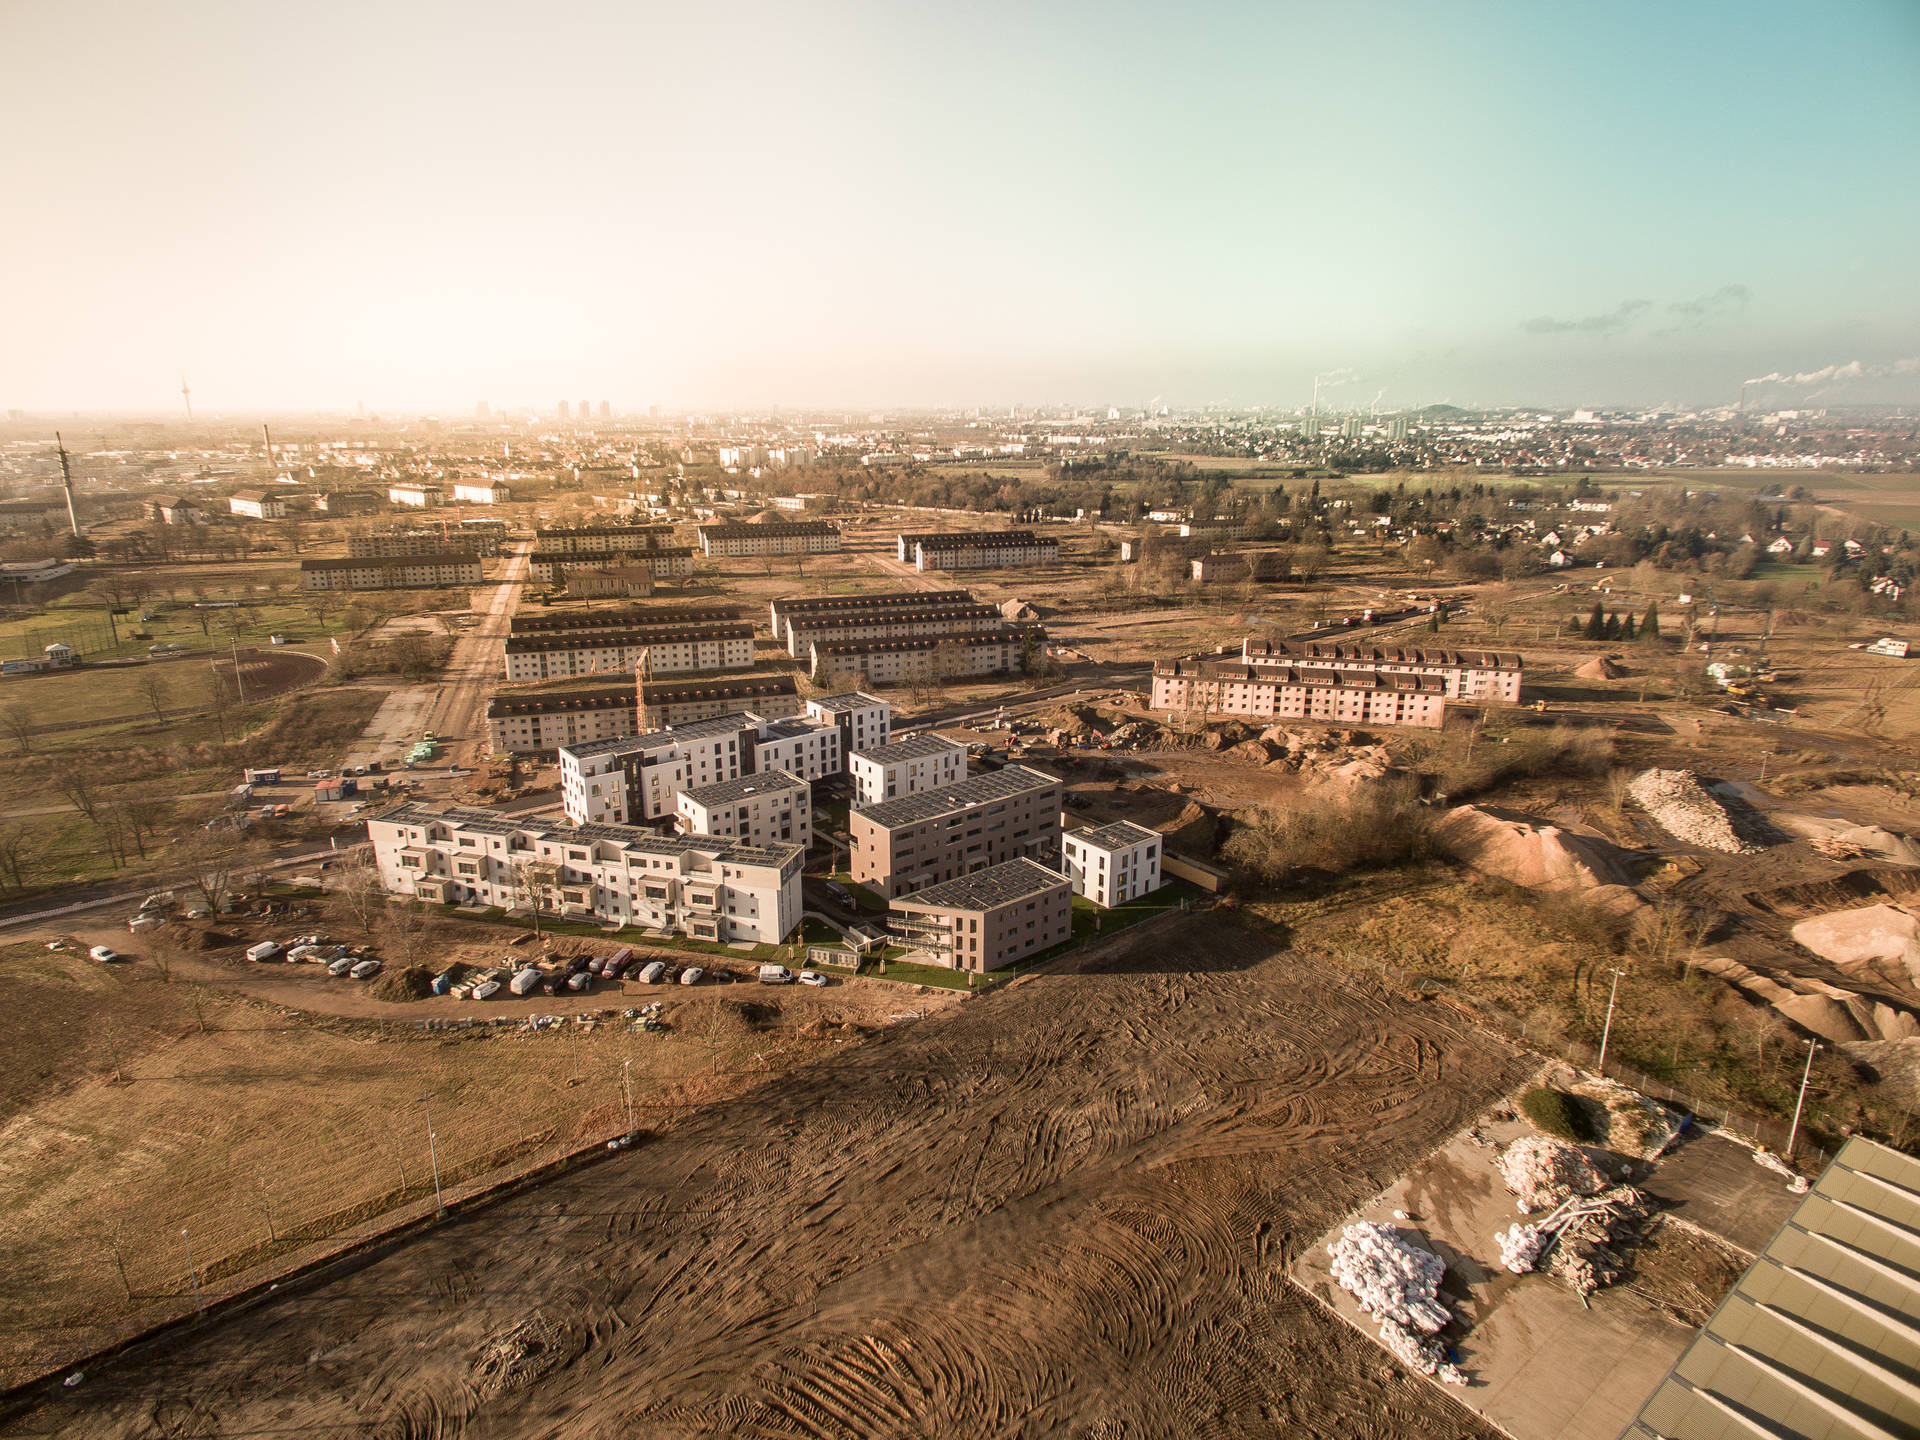 Rasant wandelt sich das verlassene Militärgelände in ein lebendiges Stadtquartier